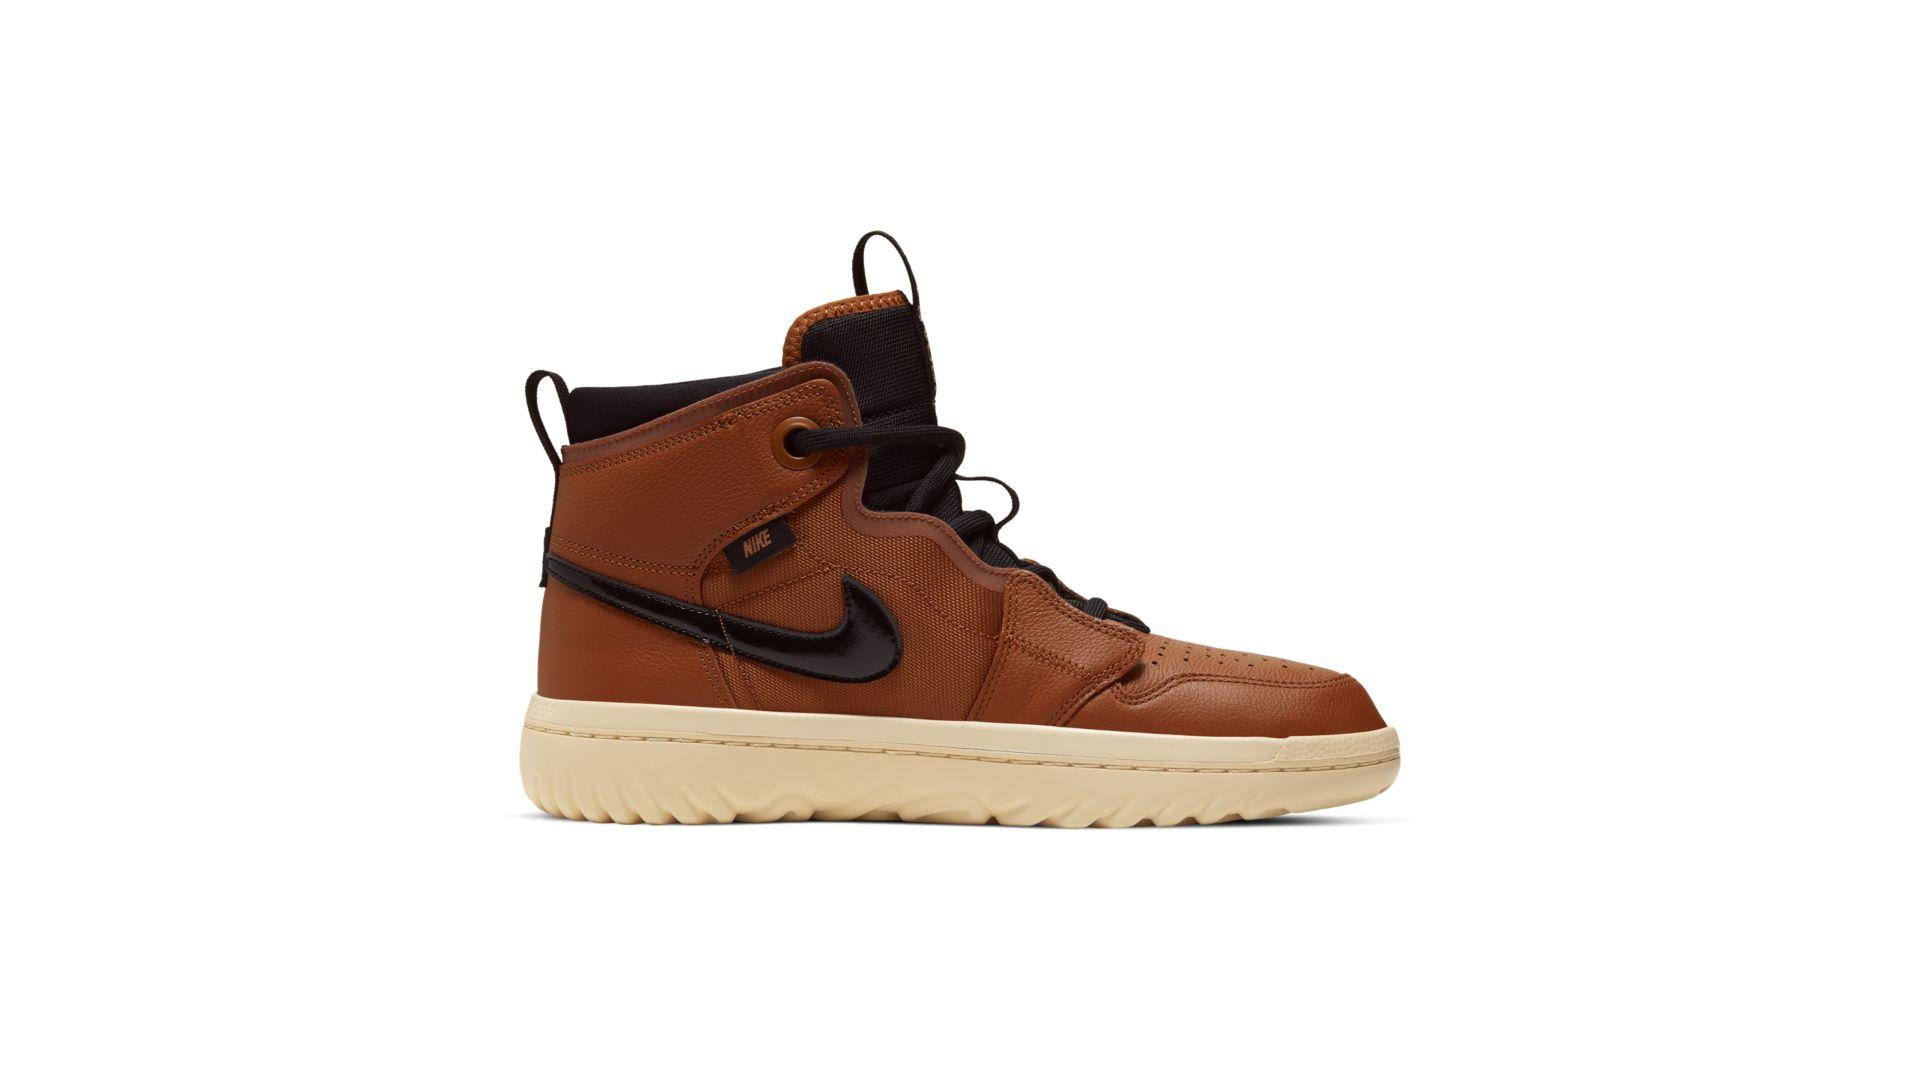 Jordan 1 High React Brown (AR5321-200)